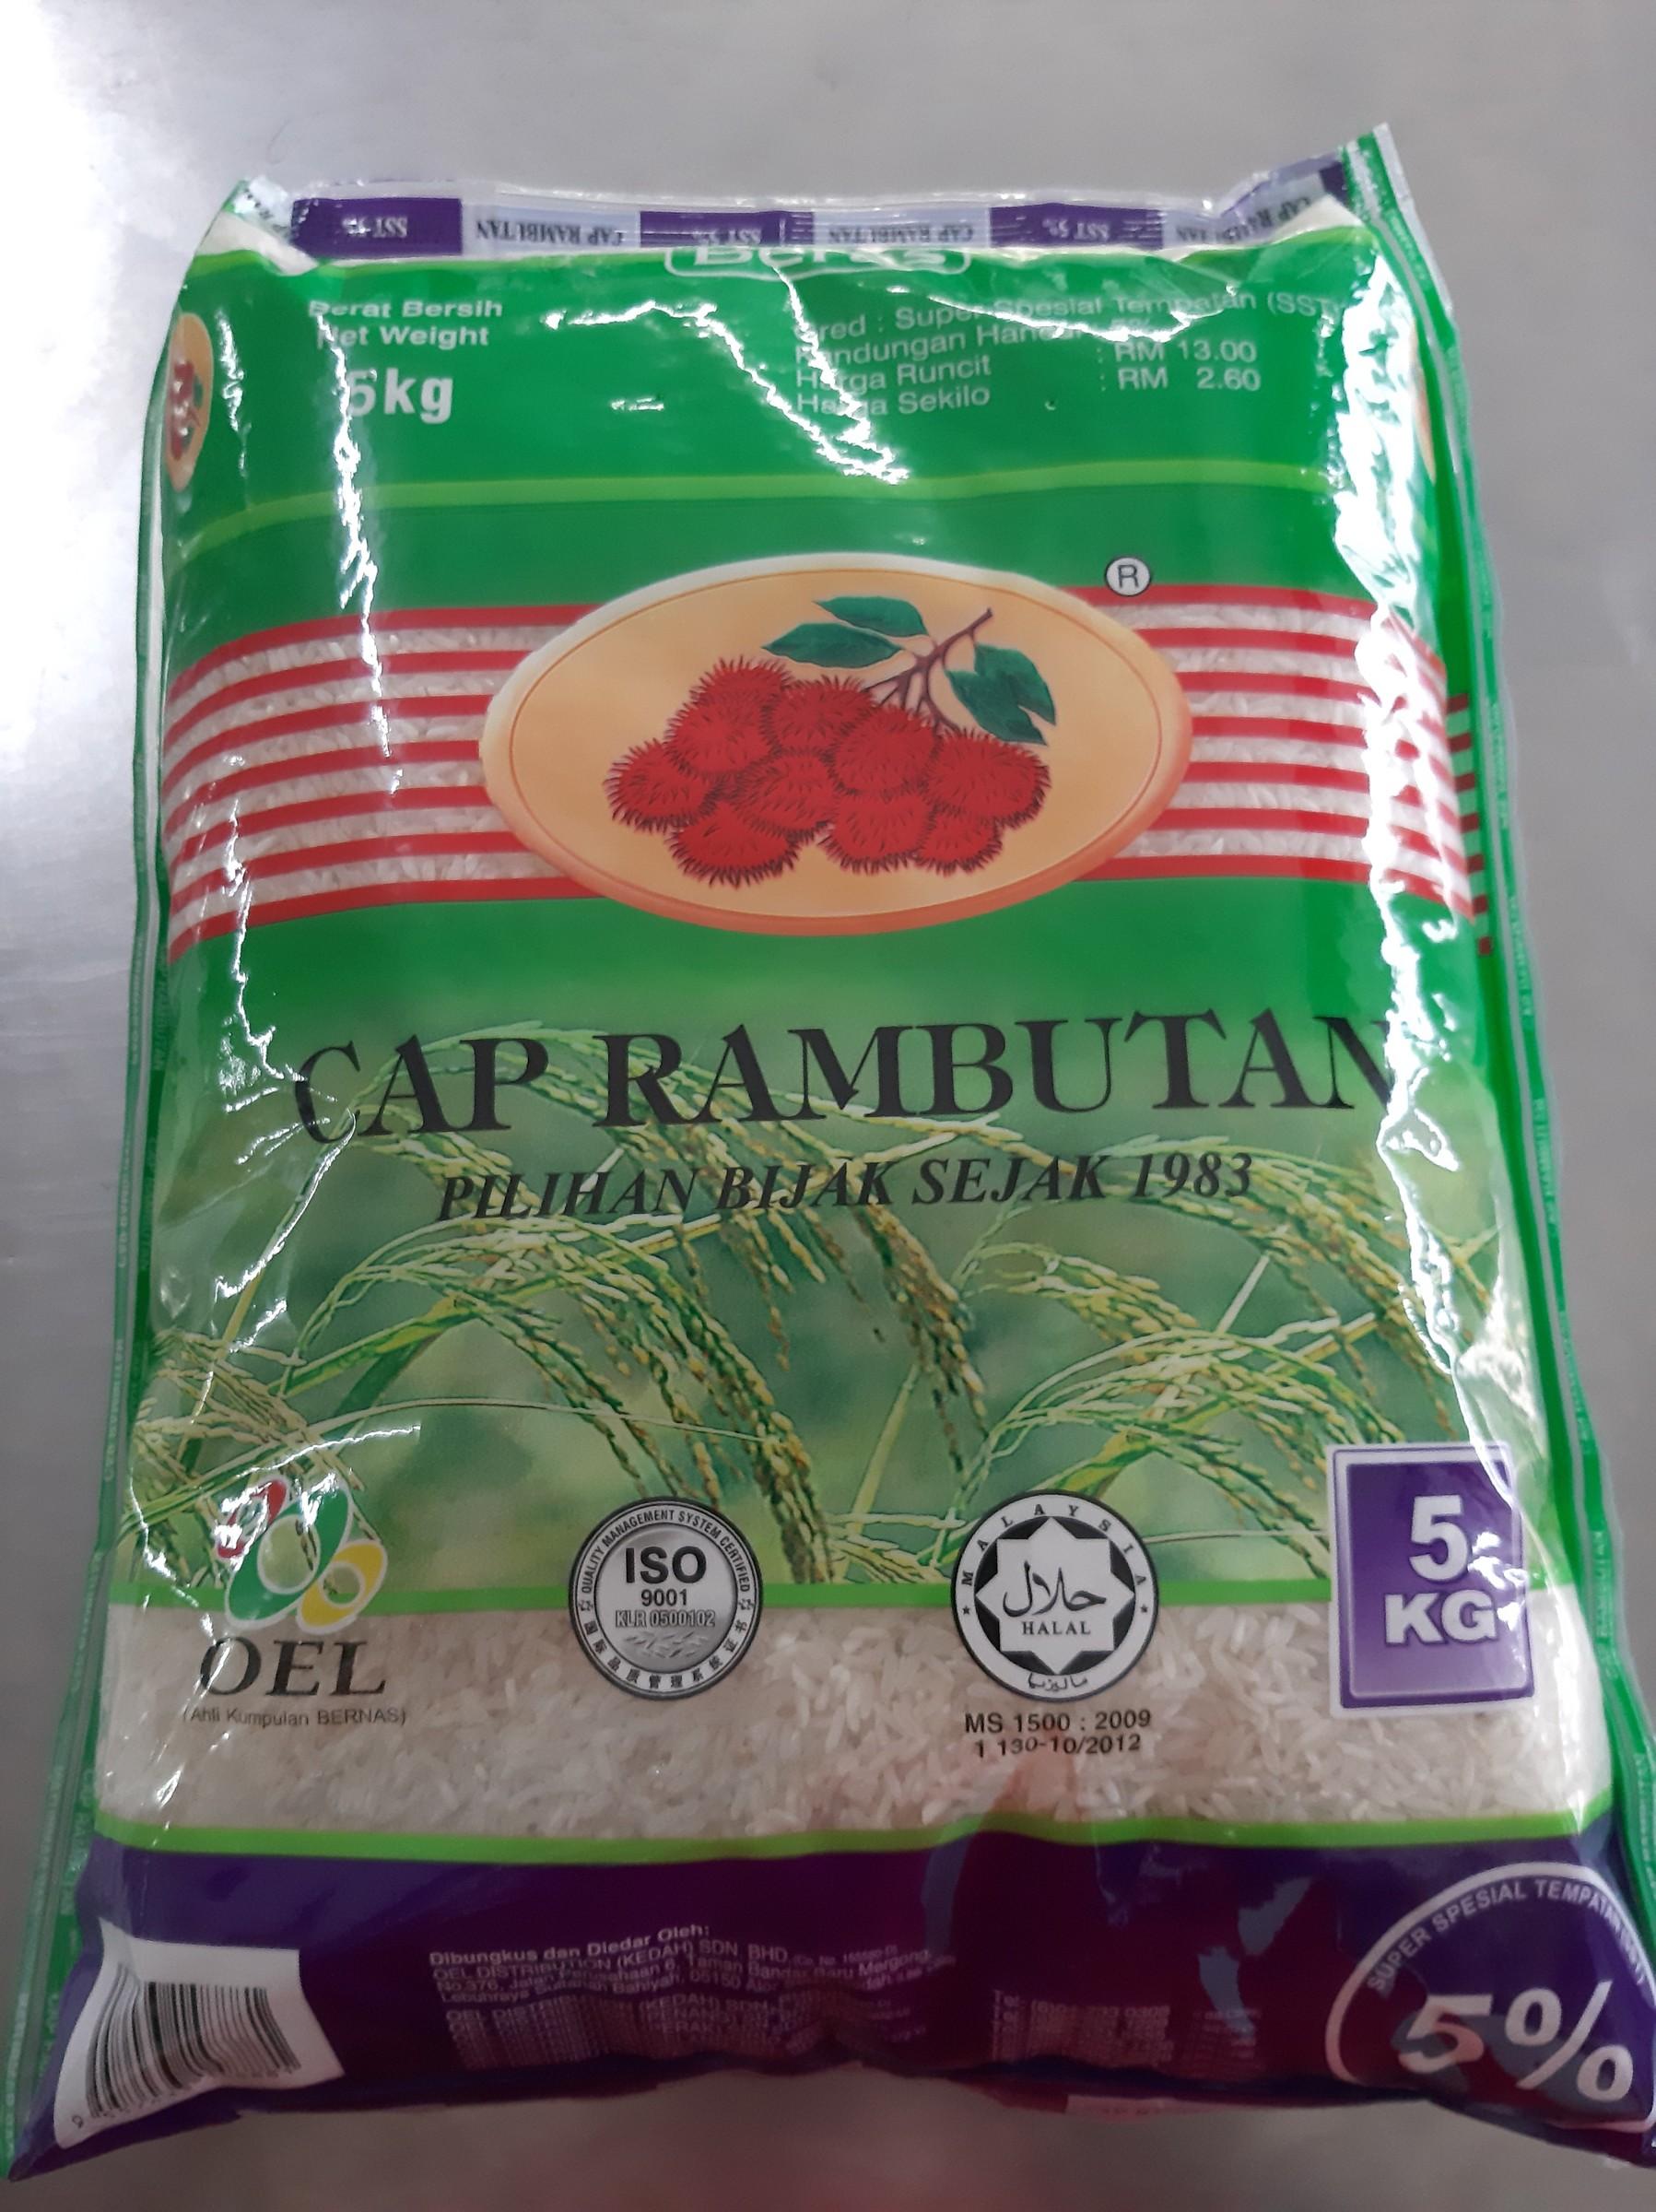 Beras Cap Rambutan 5kg